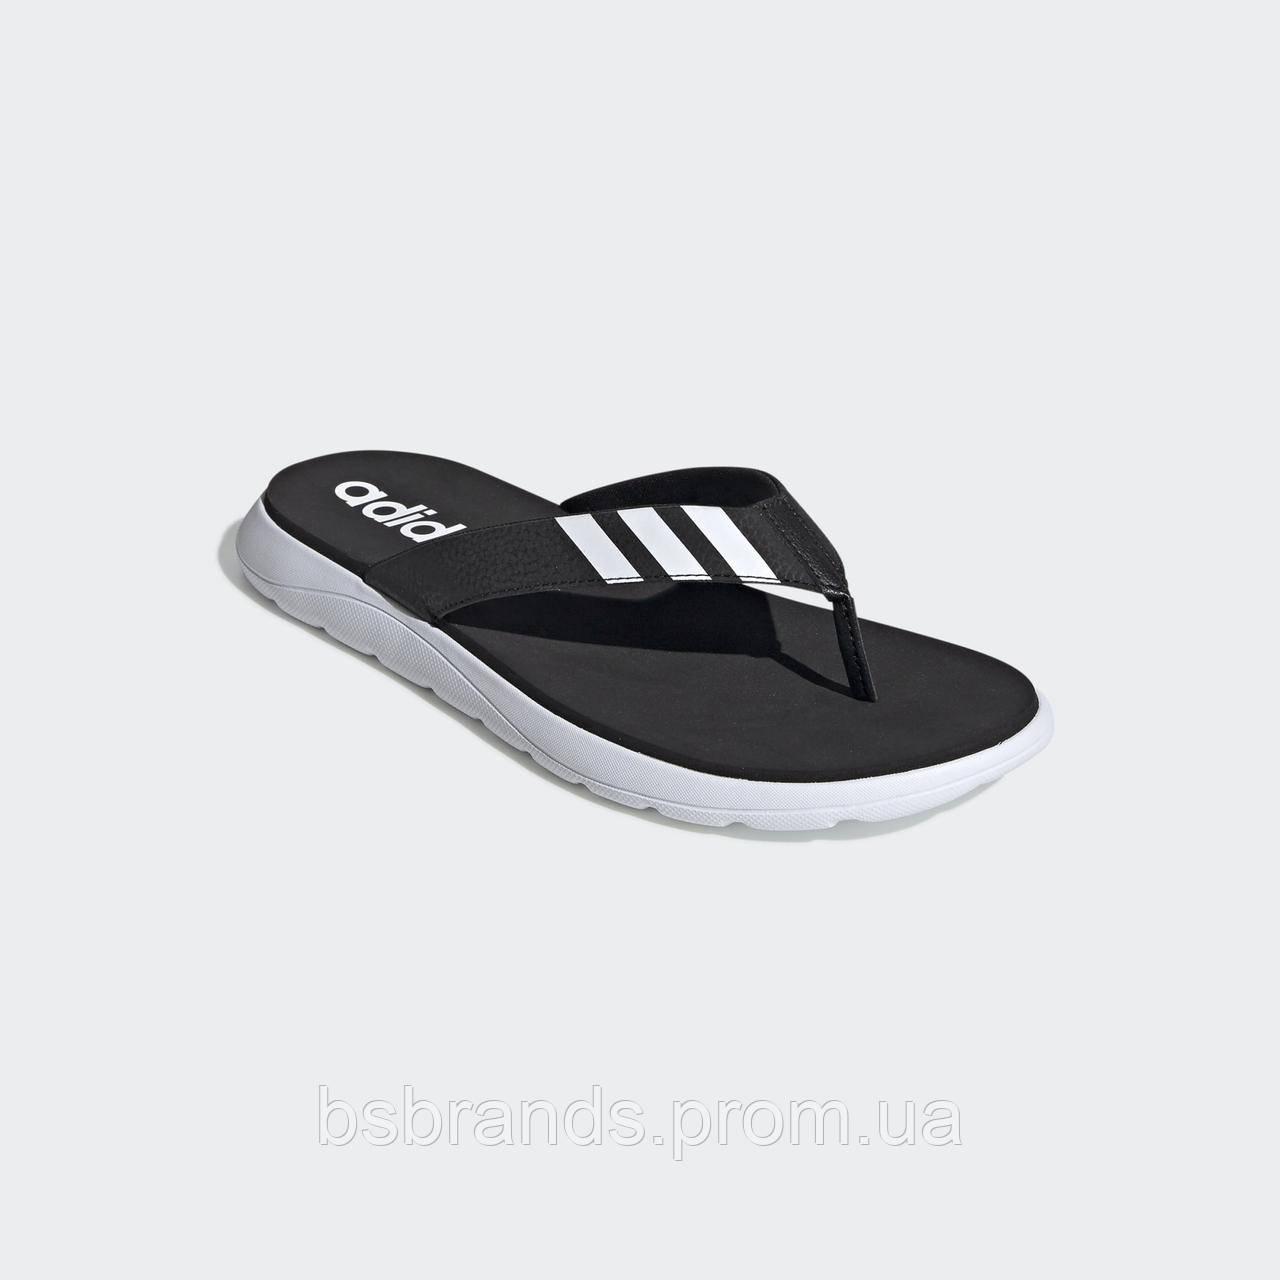 Мужские шлепанцы adidas Comfort EG2069  (2020/1)